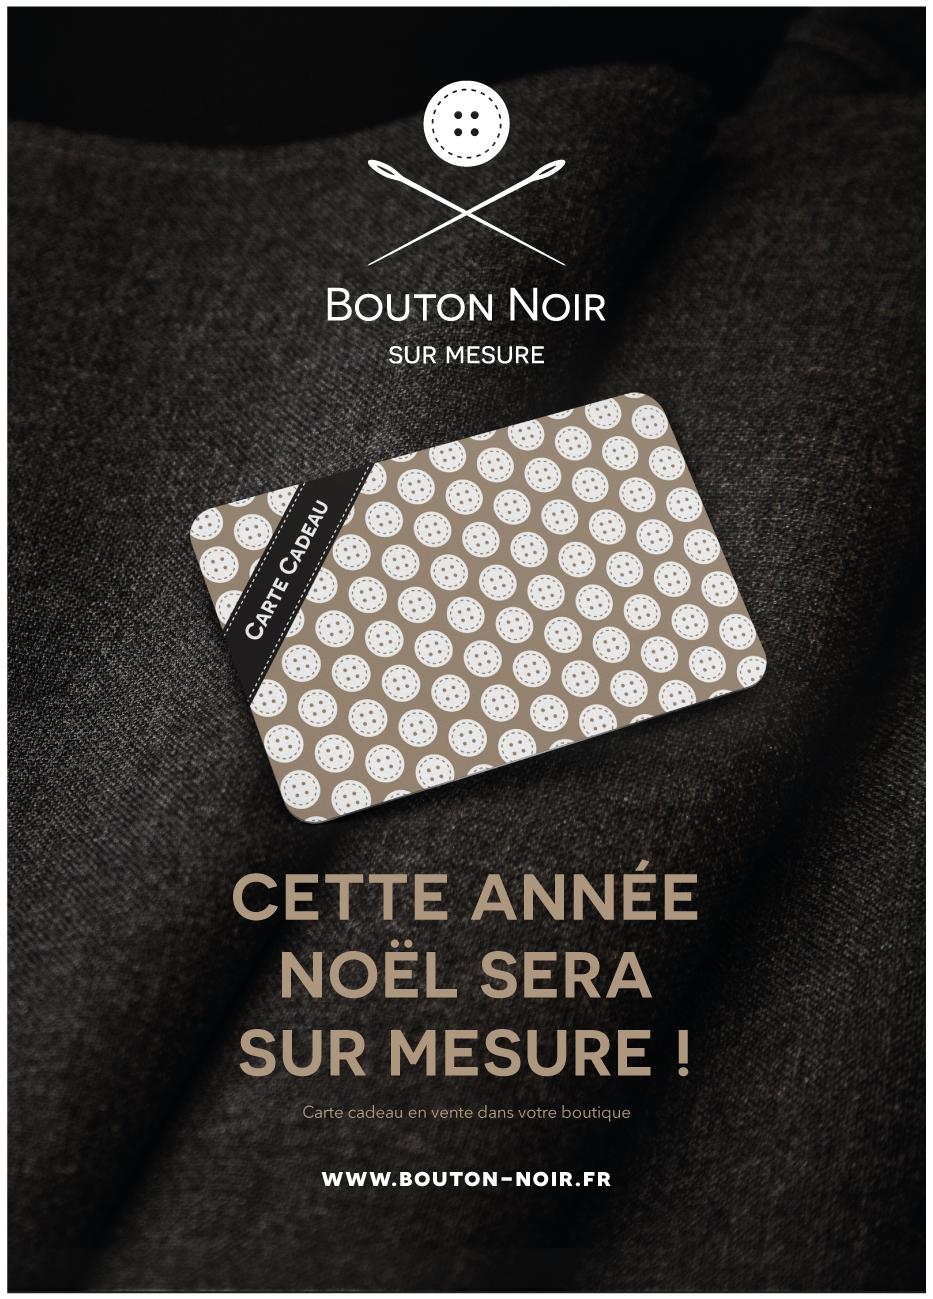 #cartecadeau #bouton_noir en #boutique !